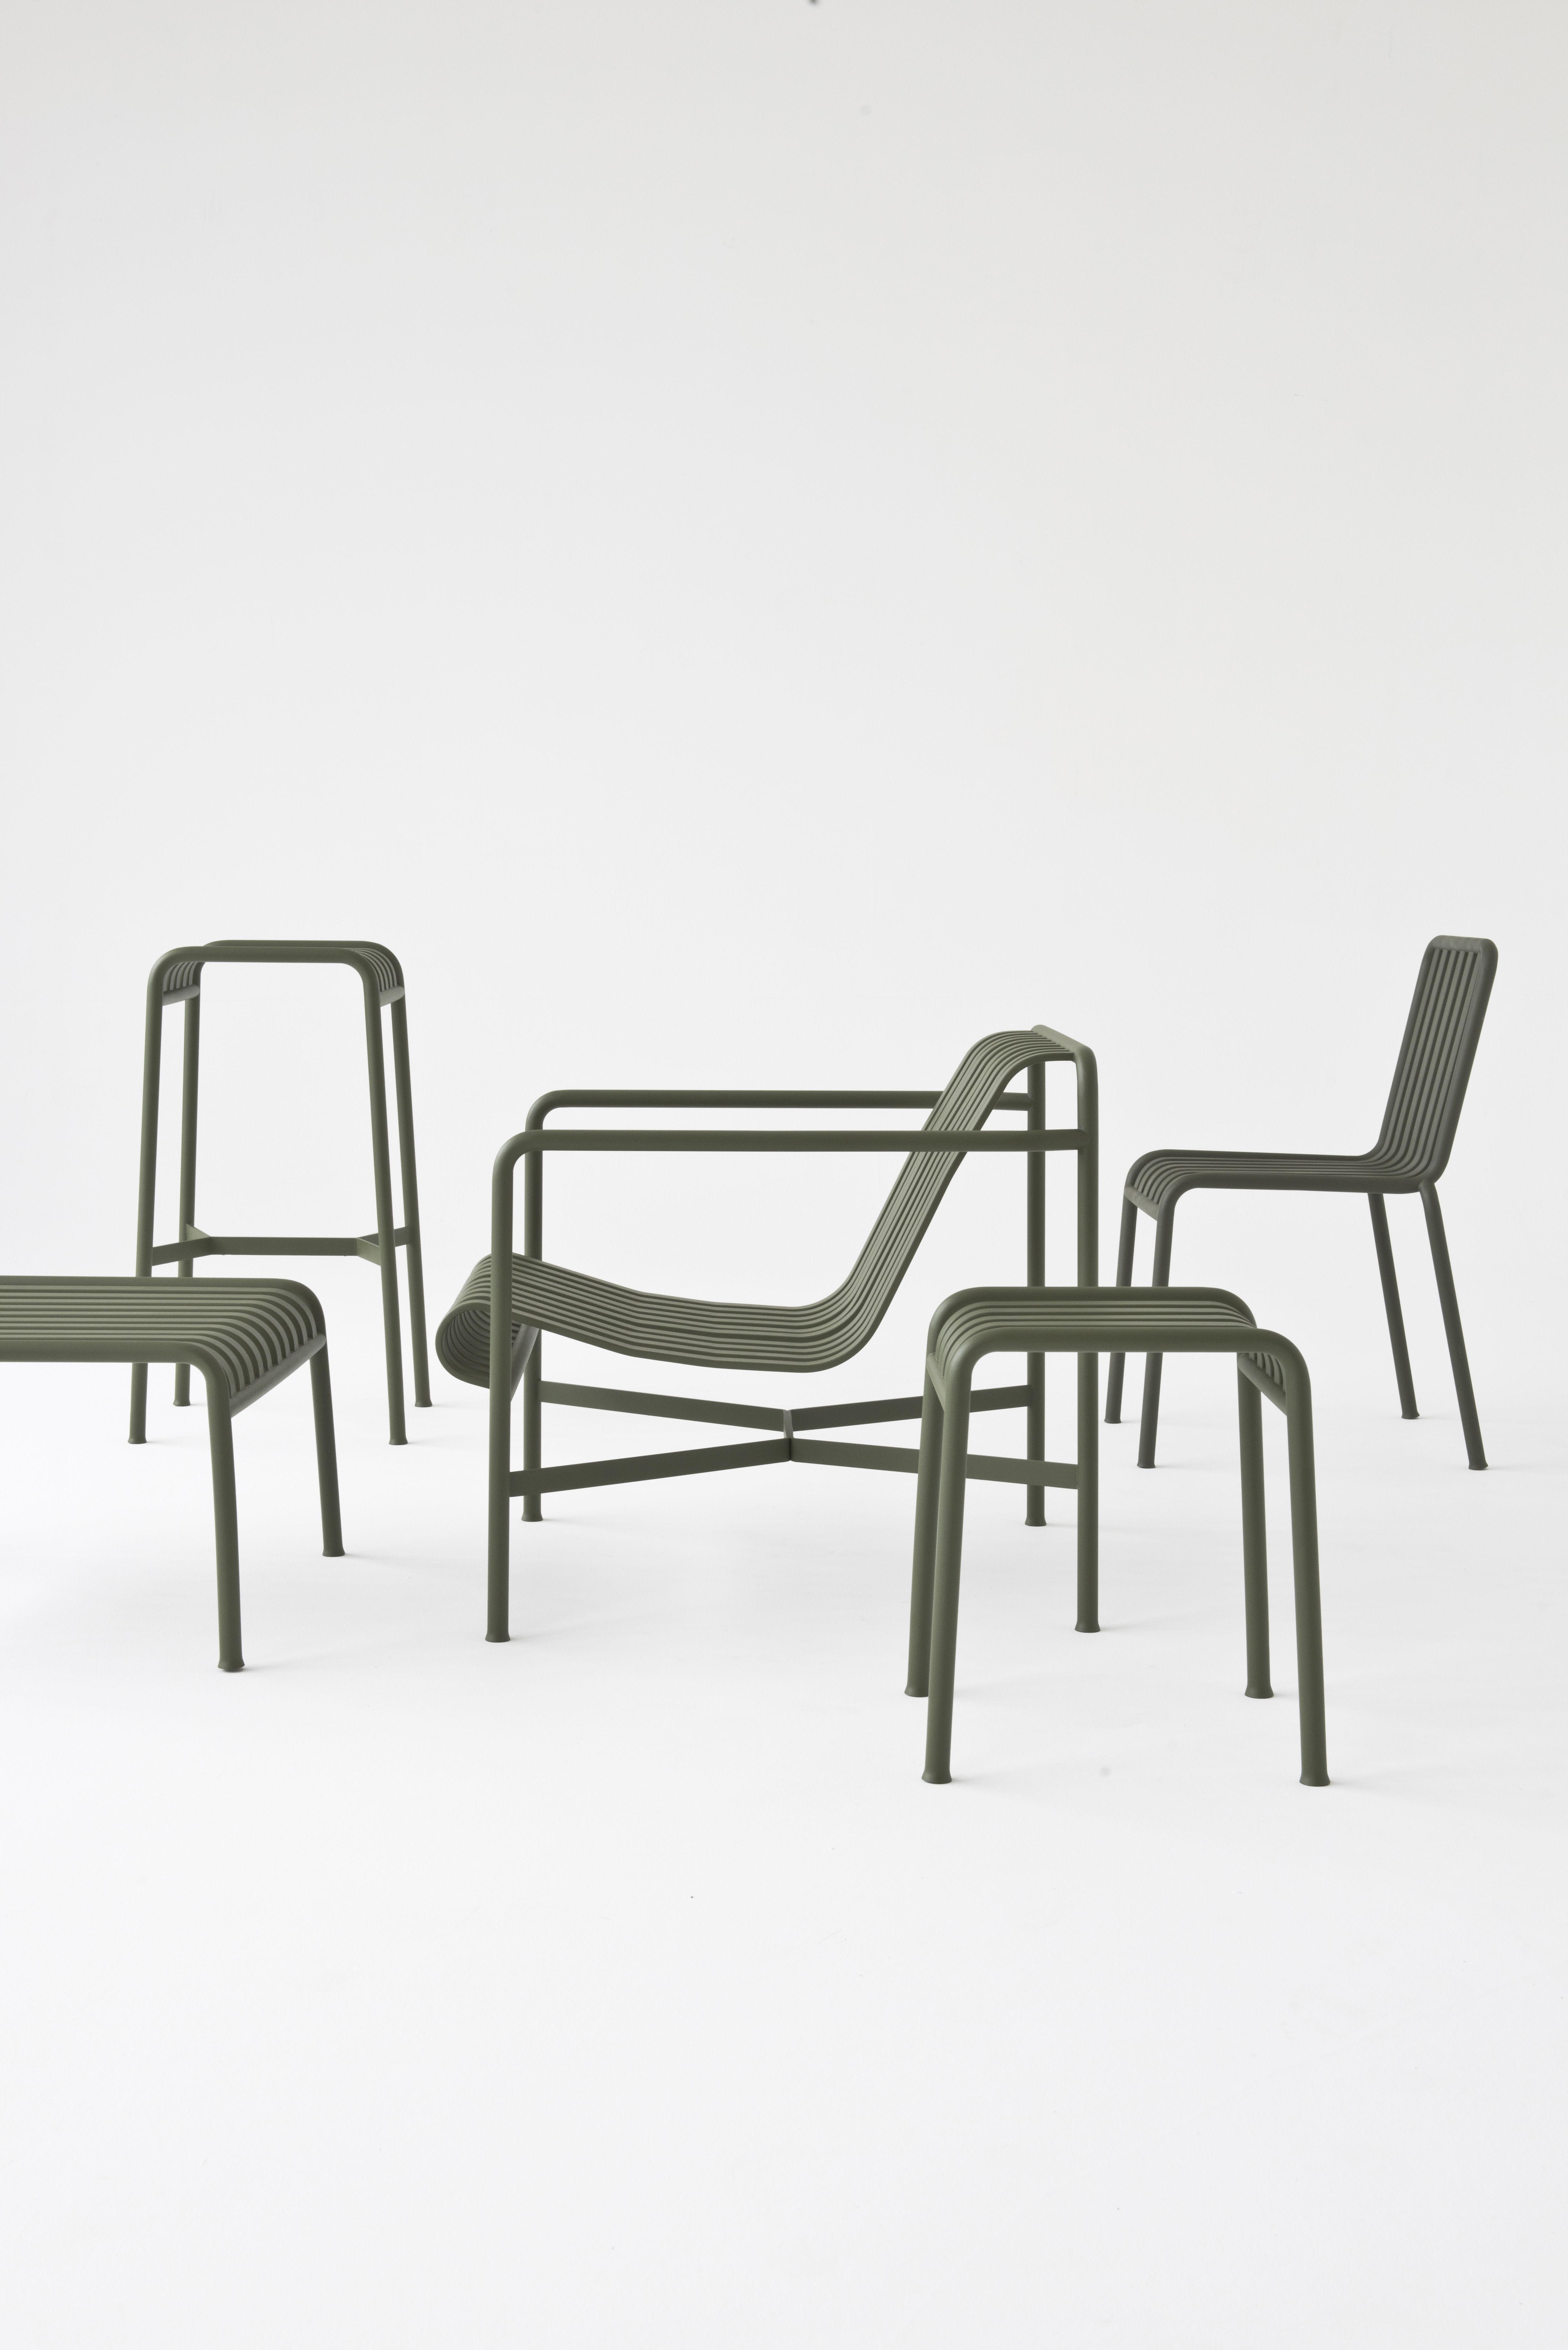 tabouret de bar palissade h 75 cm r e bouroullec vert olive hay made in design. Black Bedroom Furniture Sets. Home Design Ideas